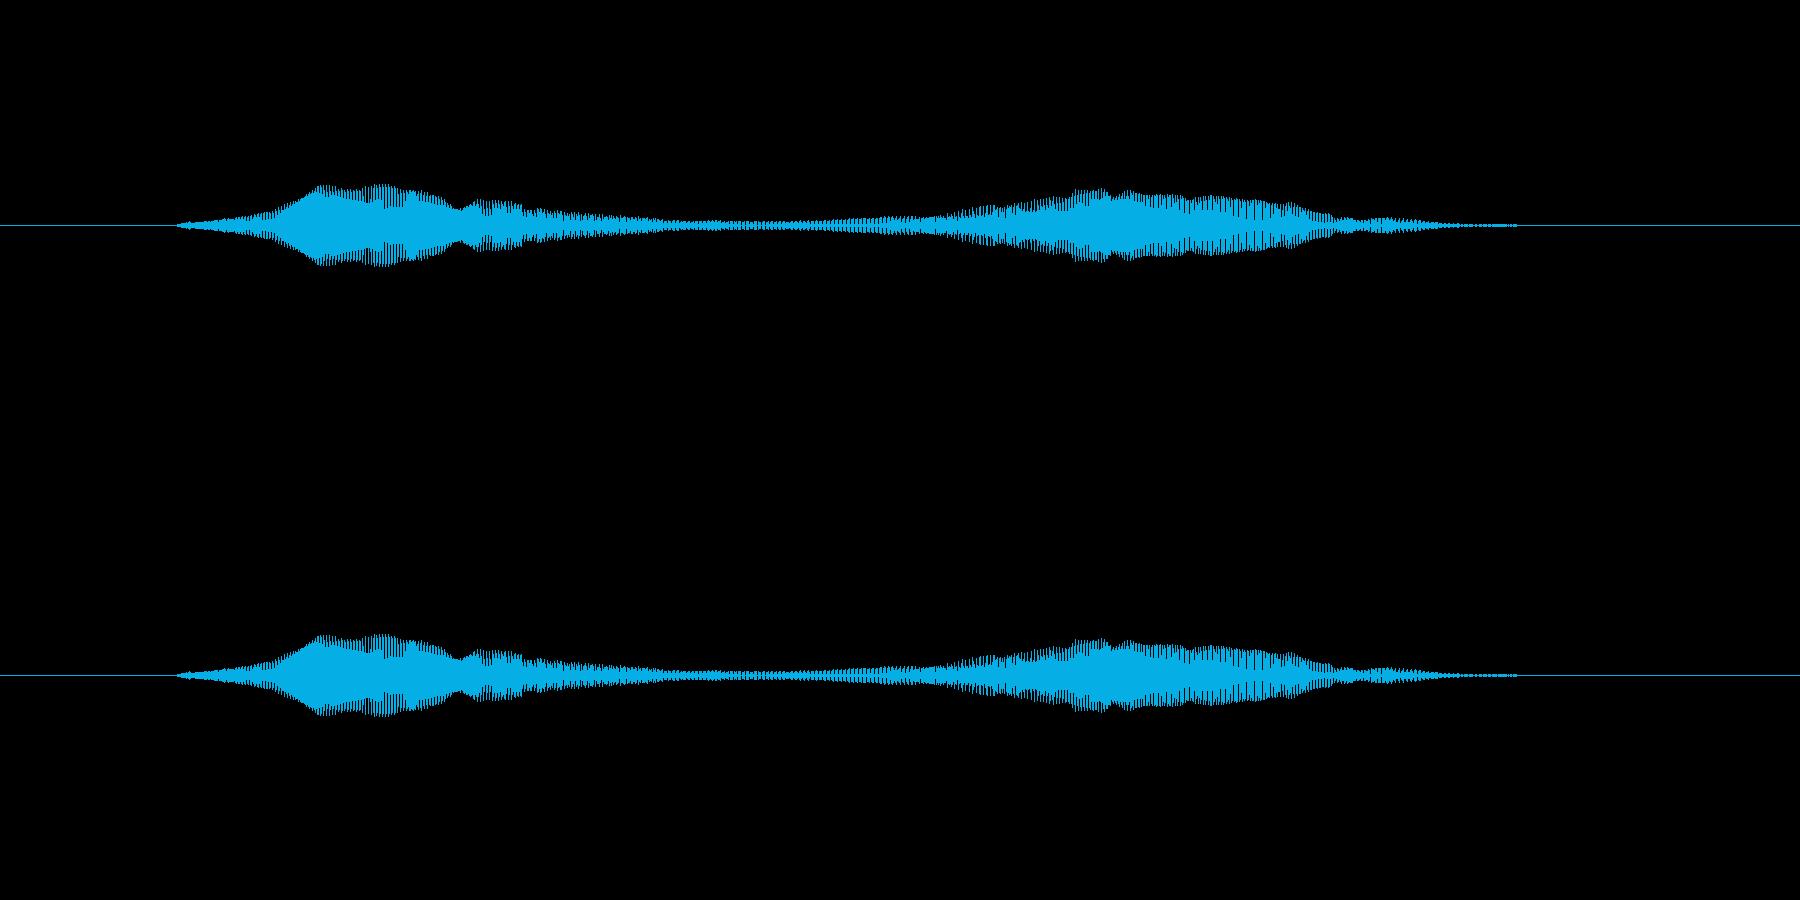 ニャー_猫声-25の再生済みの波形